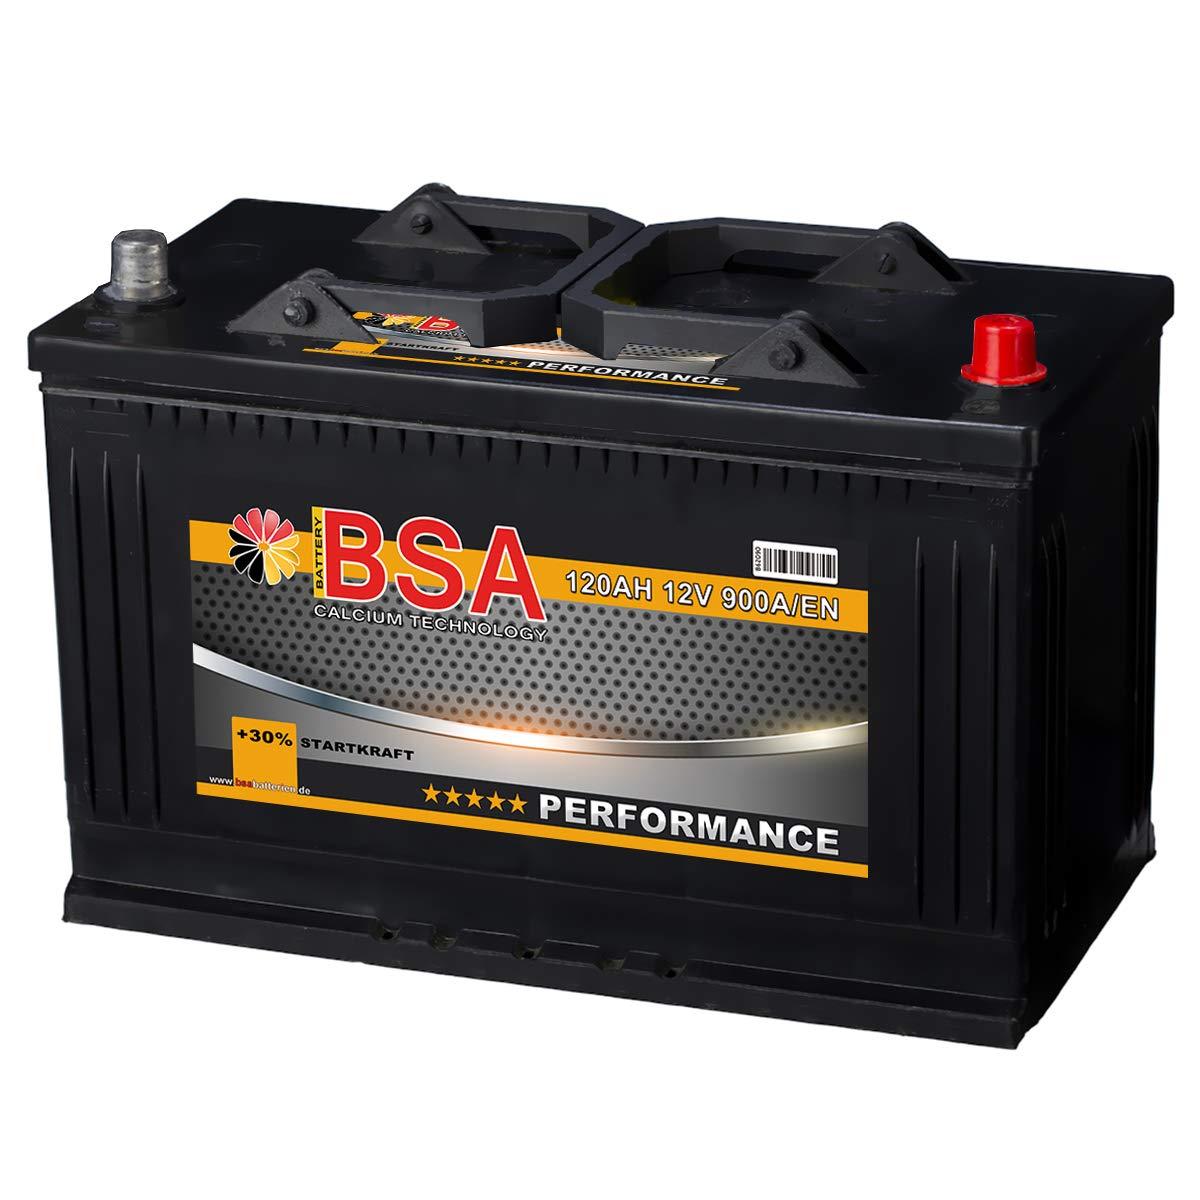 wartungsfrei Accurat AGM Autobatterie Starter I60 12V 60Ah 680A Top-Startleistung und hohe Zyklenfestigkeit ideal f/ür Start-Stop /& Hybrid Fahrzeuge